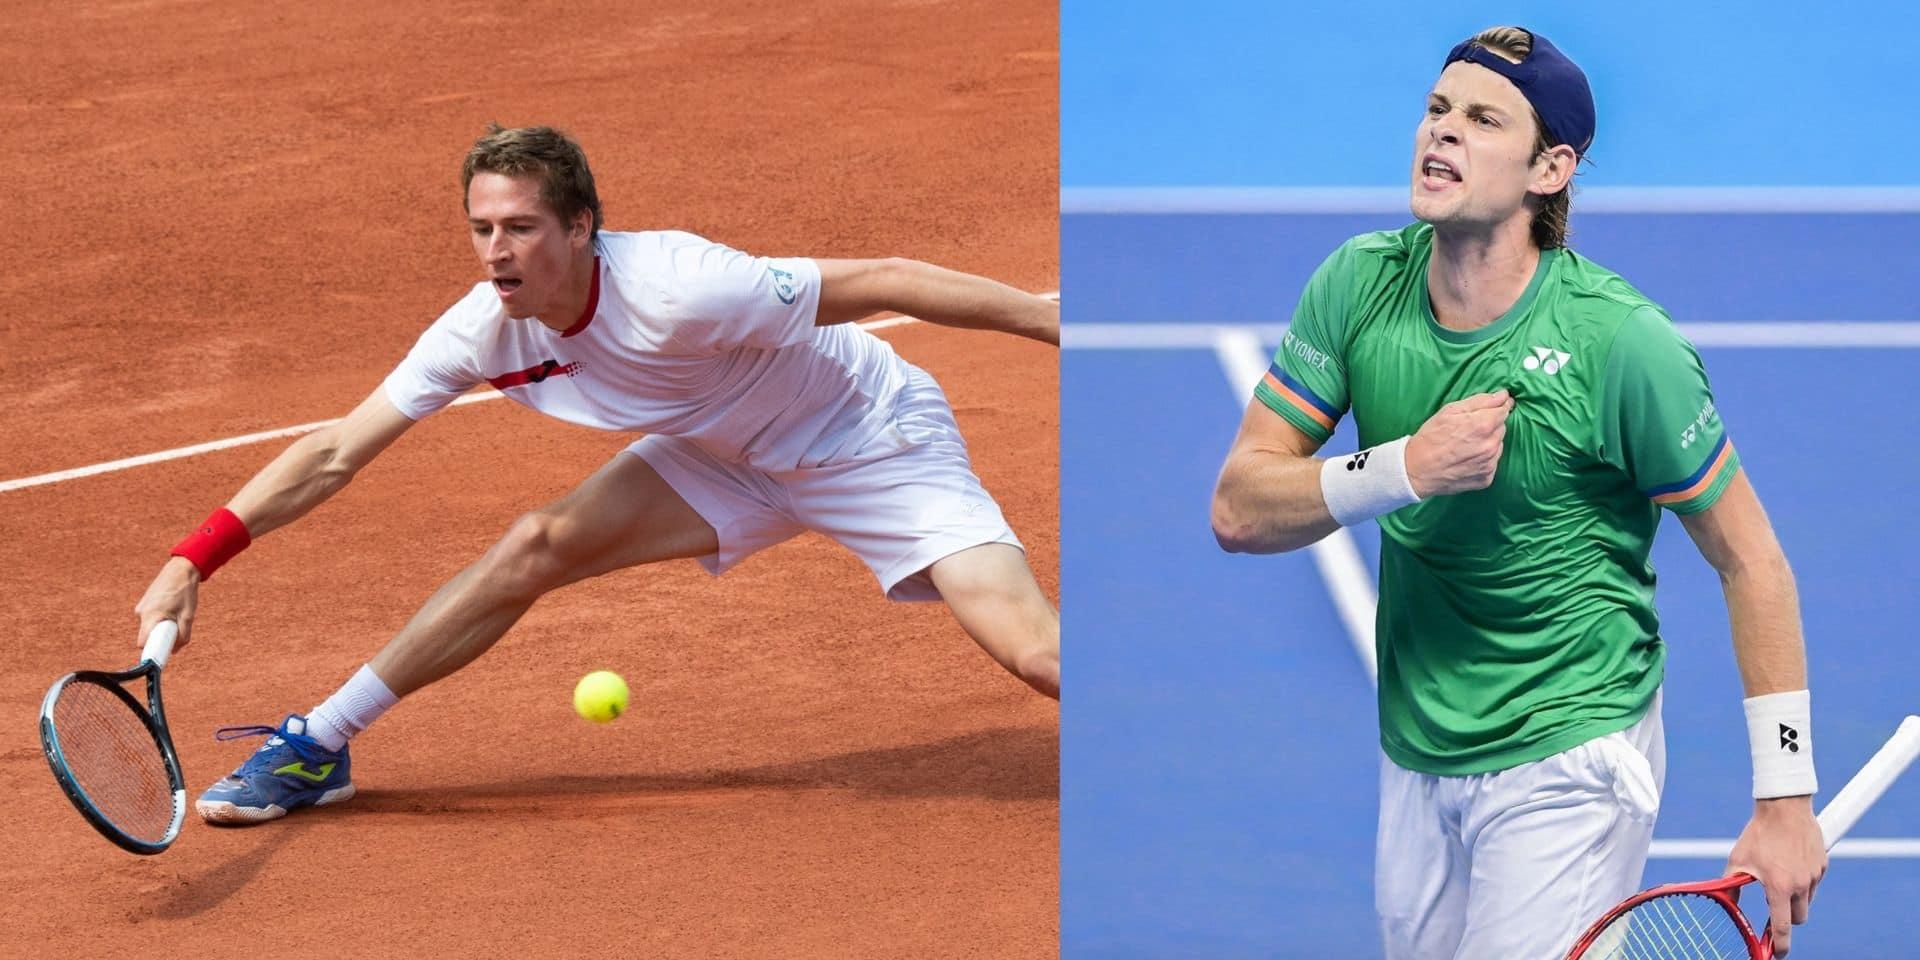 Qualifiés, Kimmer Coppejans et Zizou Bergs vont se rencontrer en quarts de finale à Almaty